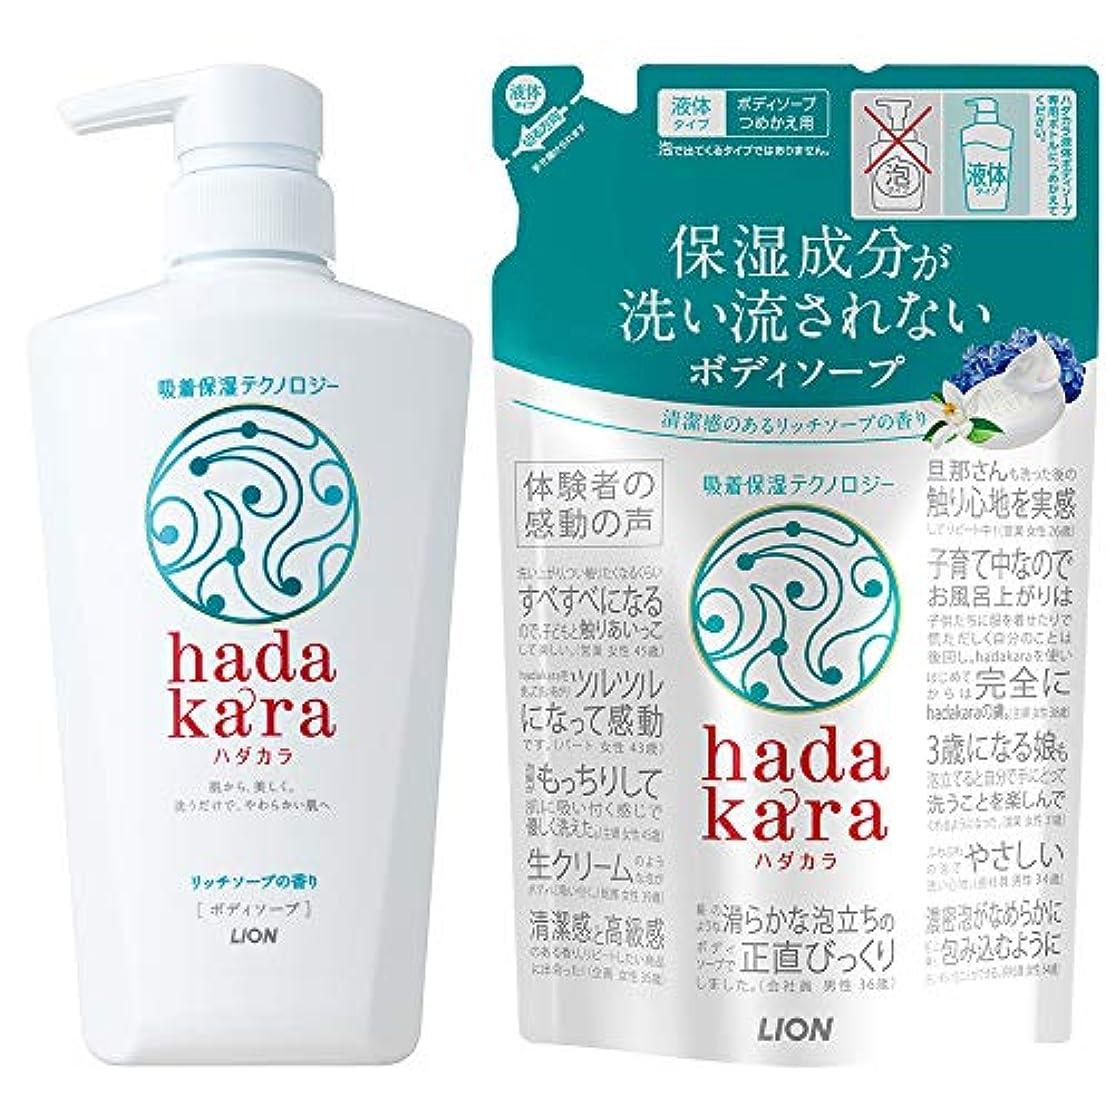 フランクワースリー例外解くhadakara(ハダカラ) ボディソープ リッチソープの香り 本体500ml+つめかえ360ml +